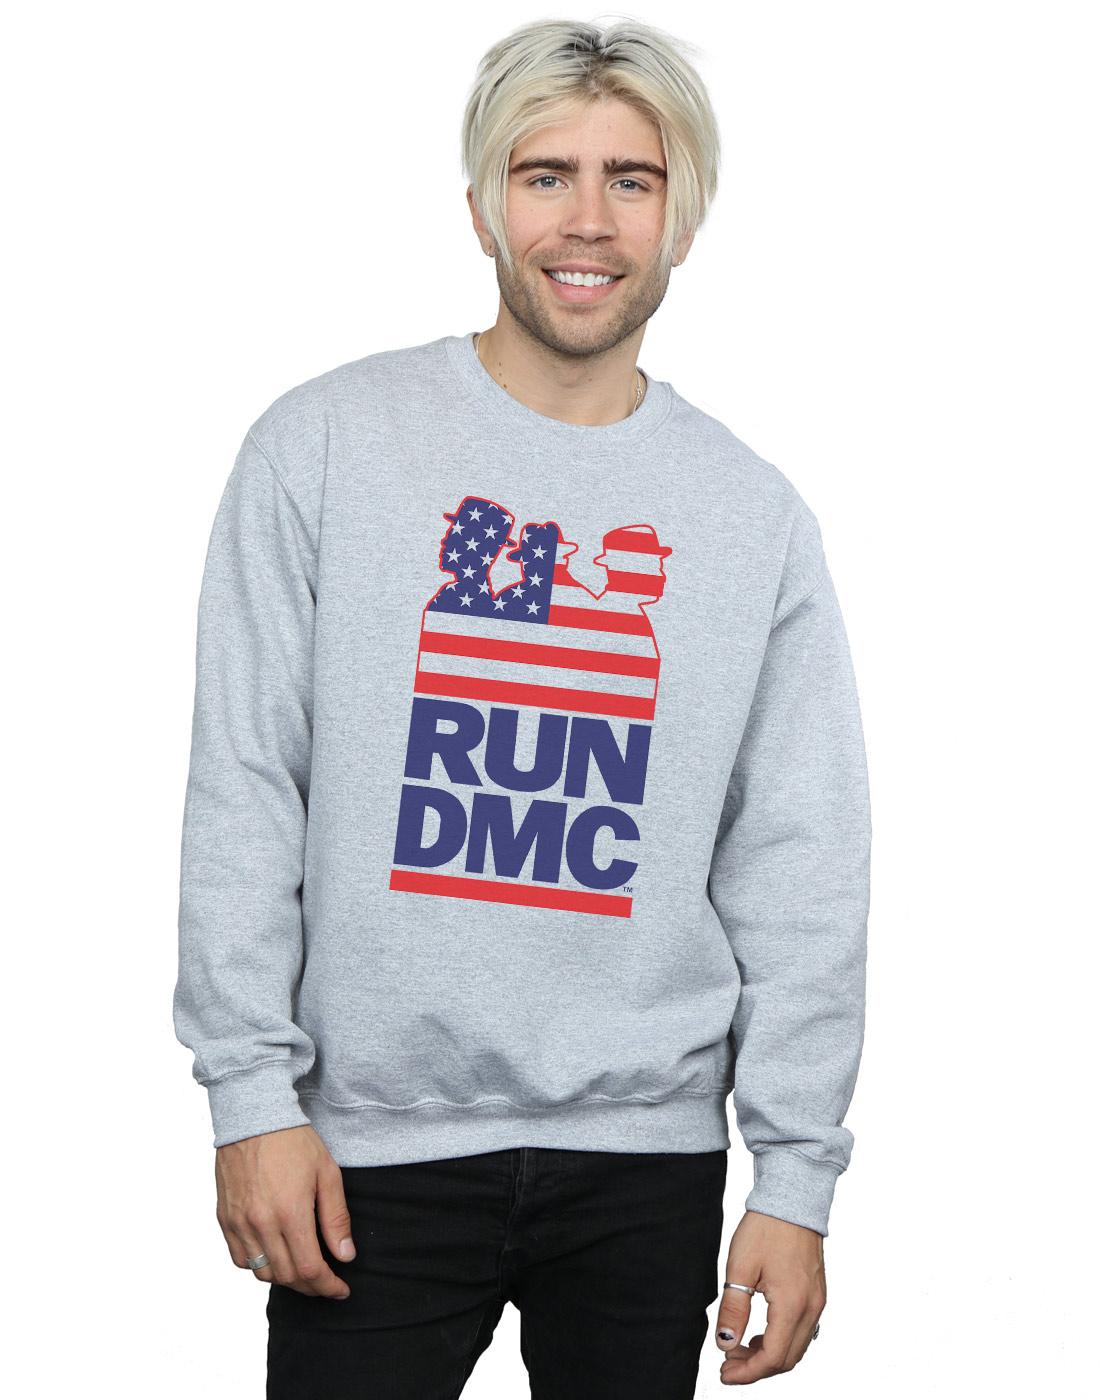 Run DMC Herren USA Silhouette Sweatshirt